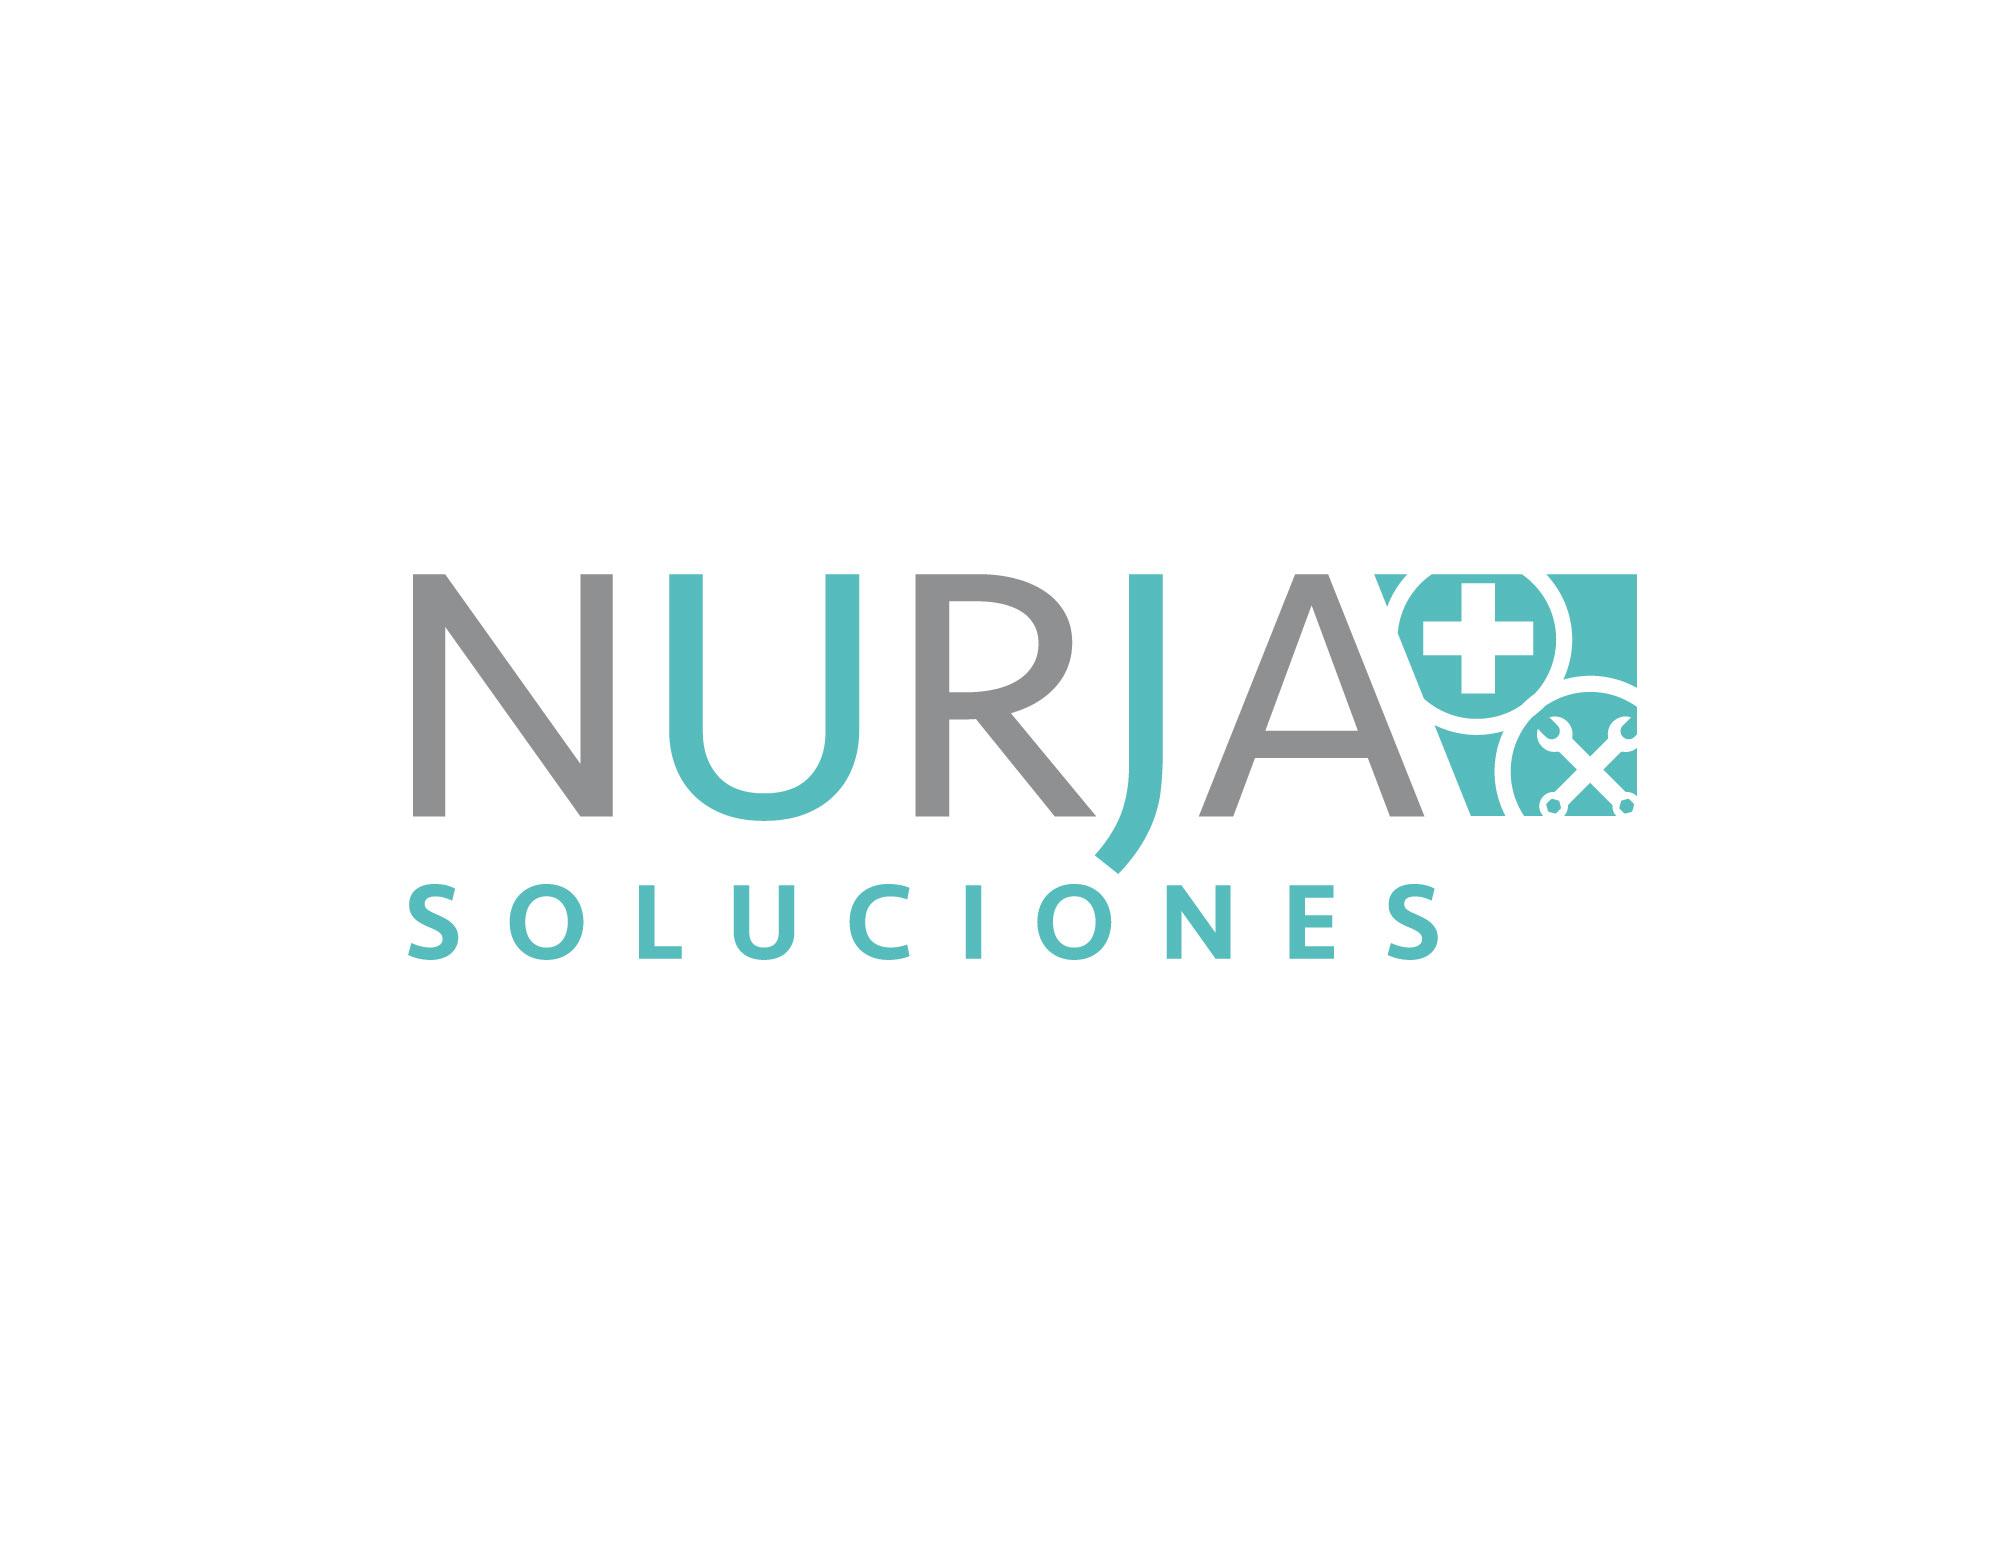 NURJA-SOLUCIONES